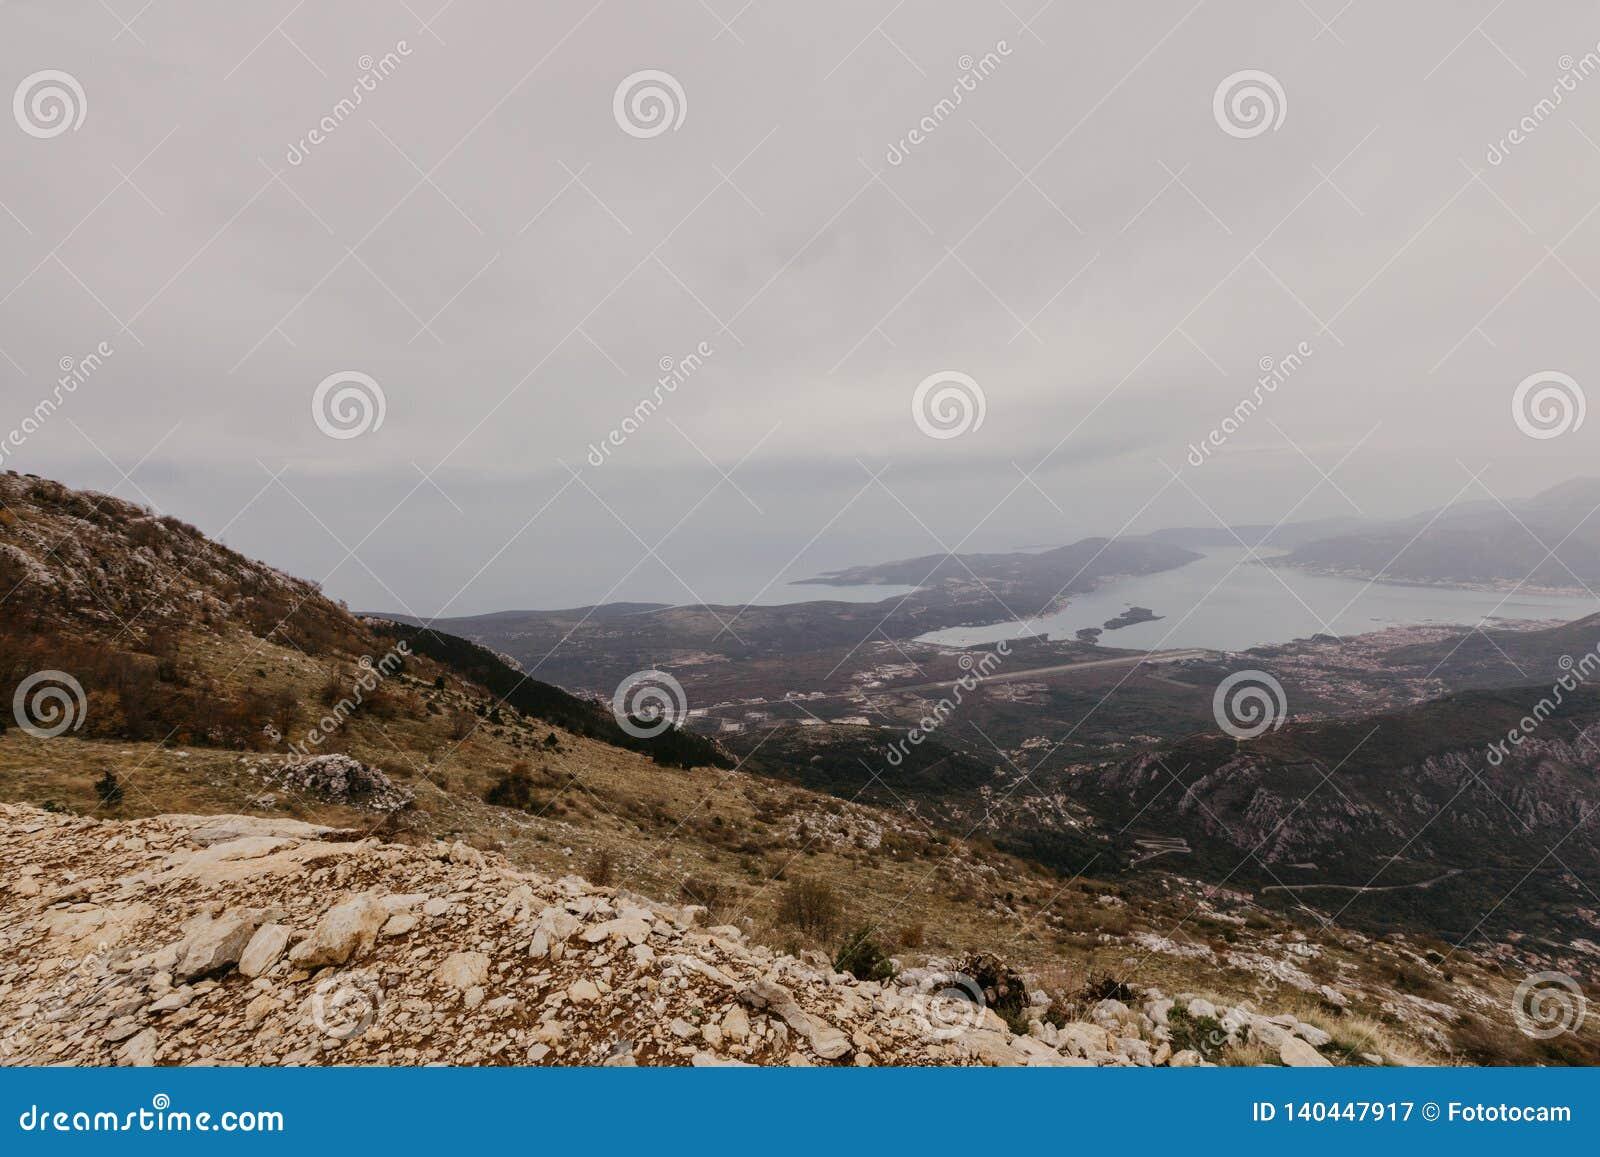 Baía de Kotor das alturas Vista da montagem Lovcen à baía Veja para baixo da plataforma de observação na montanha Lovcen